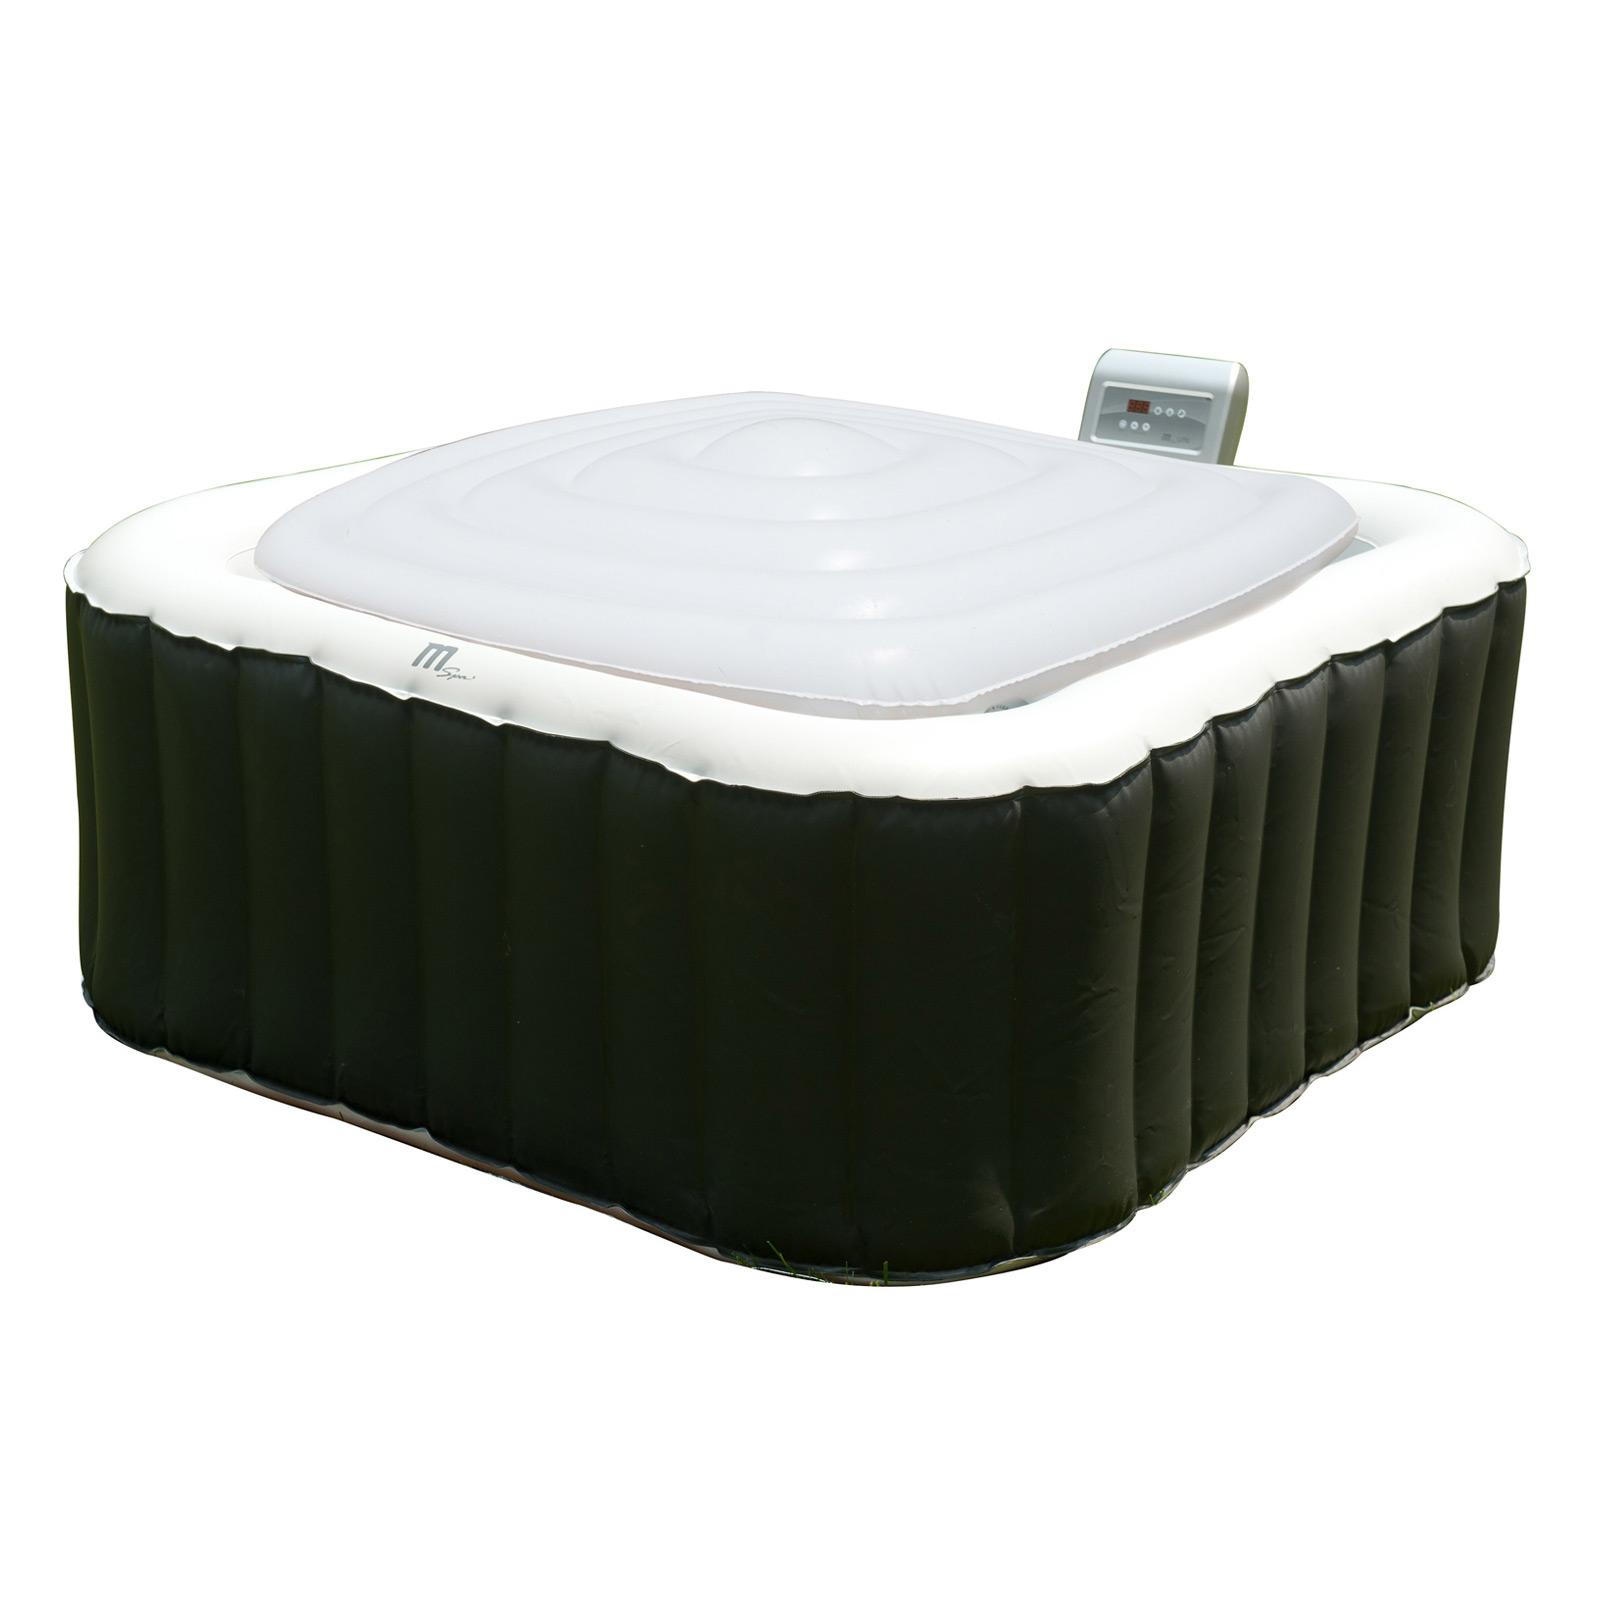 piscinex boutique en ligne d 39 accessoire pour spa mspa couvercle gonflable camaro et elegance. Black Bedroom Furniture Sets. Home Design Ideas